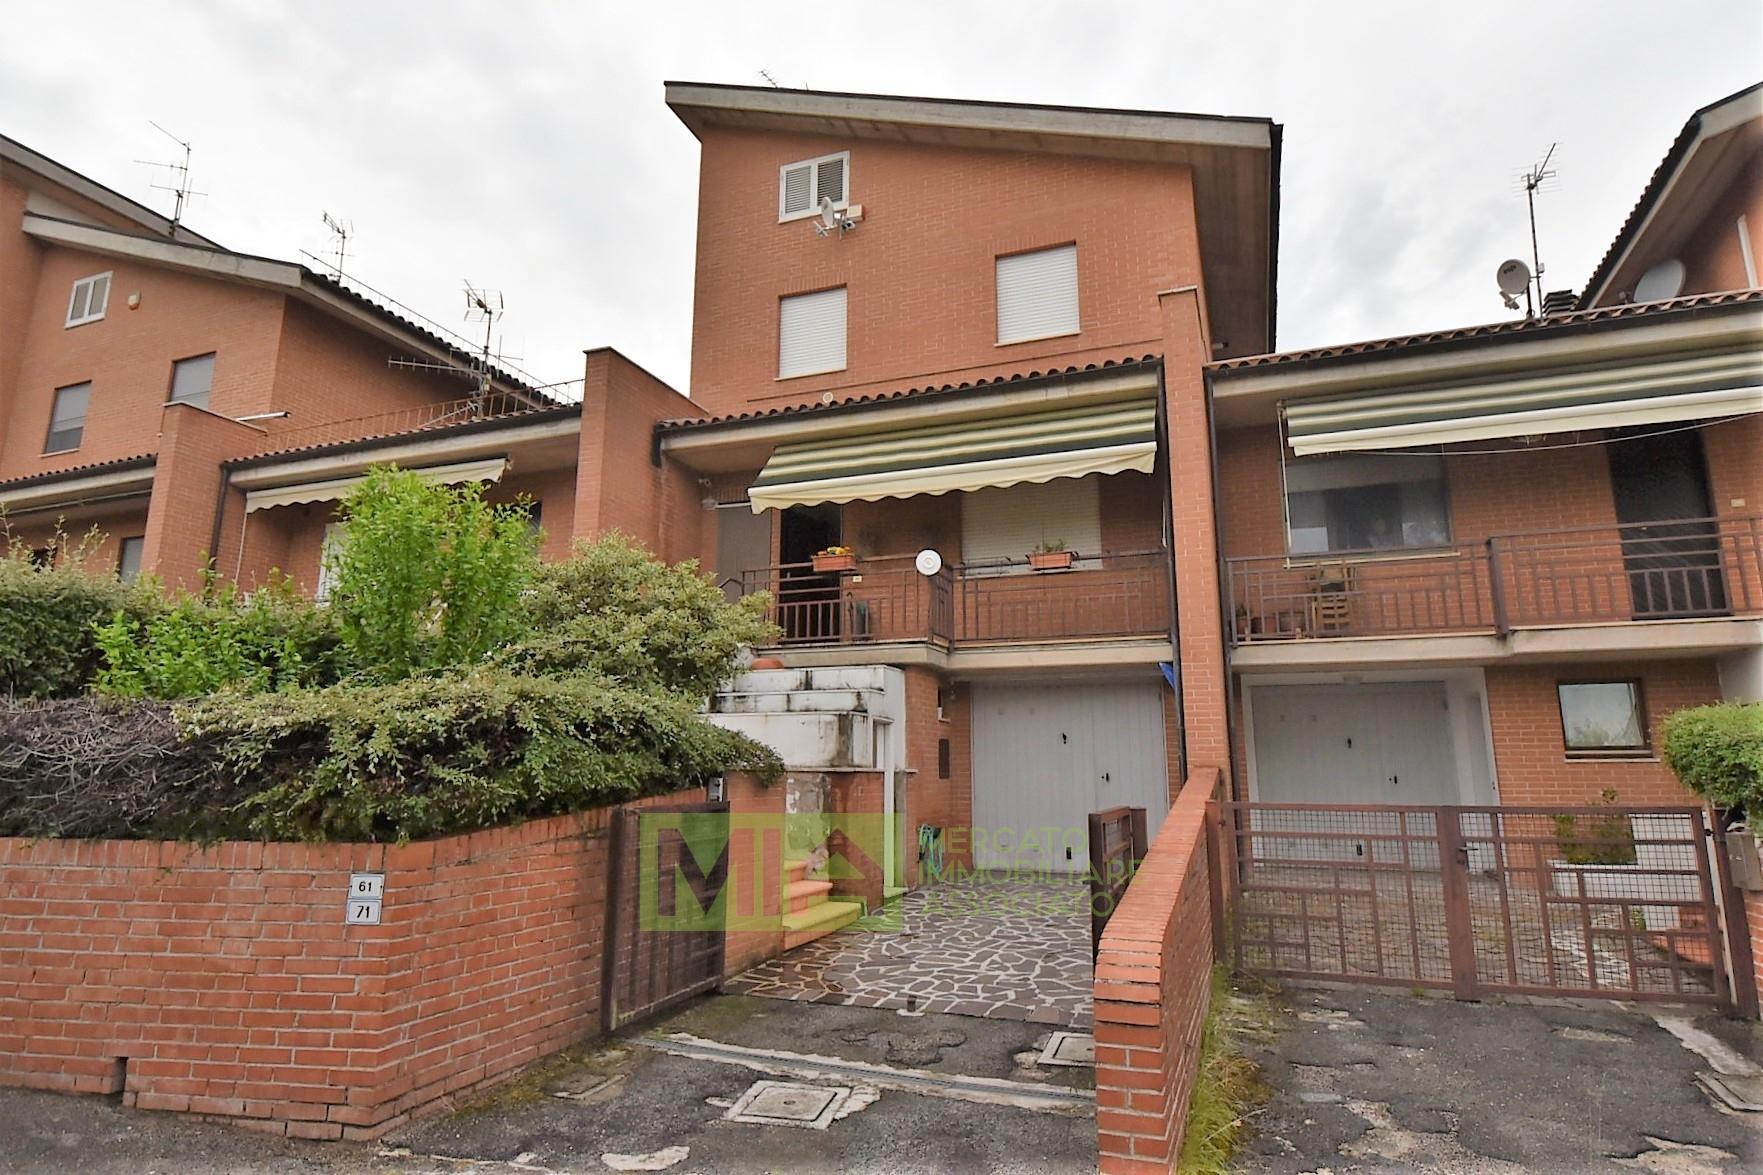 Appartamento in vendita a Sarnano, 5 locali, prezzo € 90.000 | PortaleAgenzieImmobiliari.it